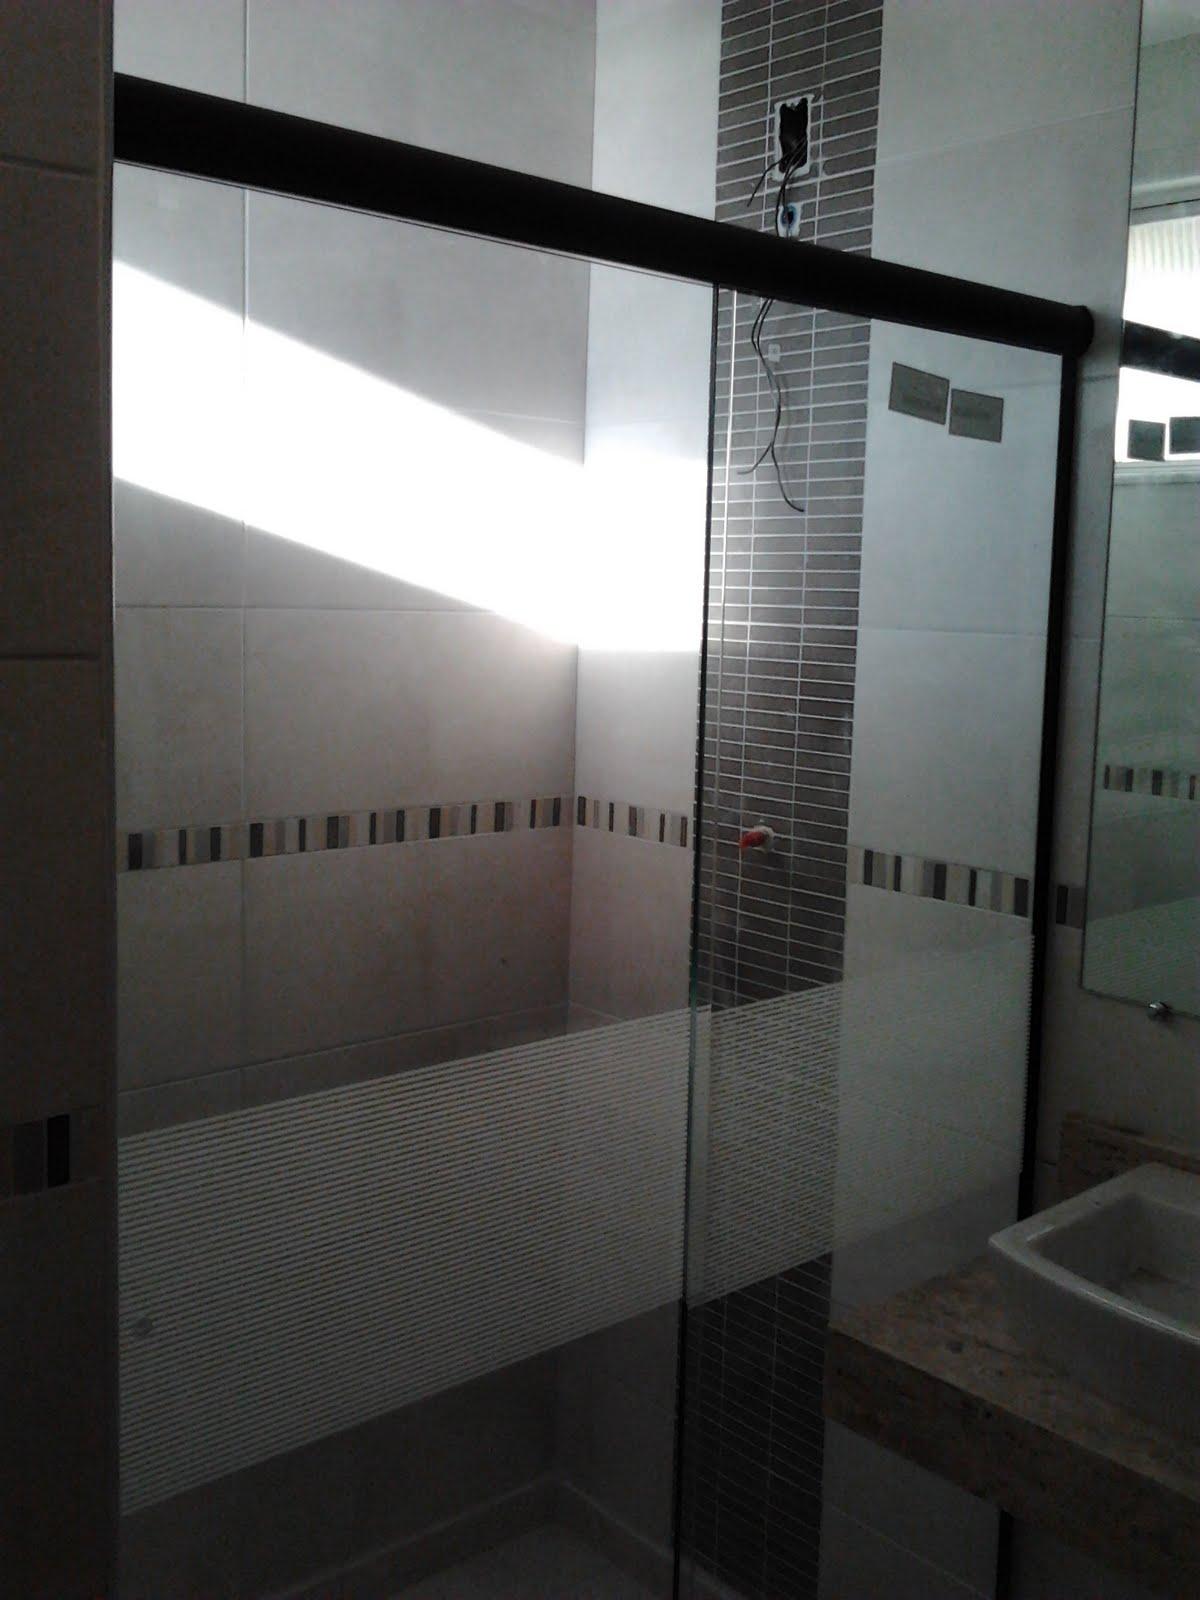 Imagens de #594F4C Agora a faixa no box do banheiro pra evitar que o lesado aqui tente  1200x1600 px 2864 Box Banheiro Joao Pessoa